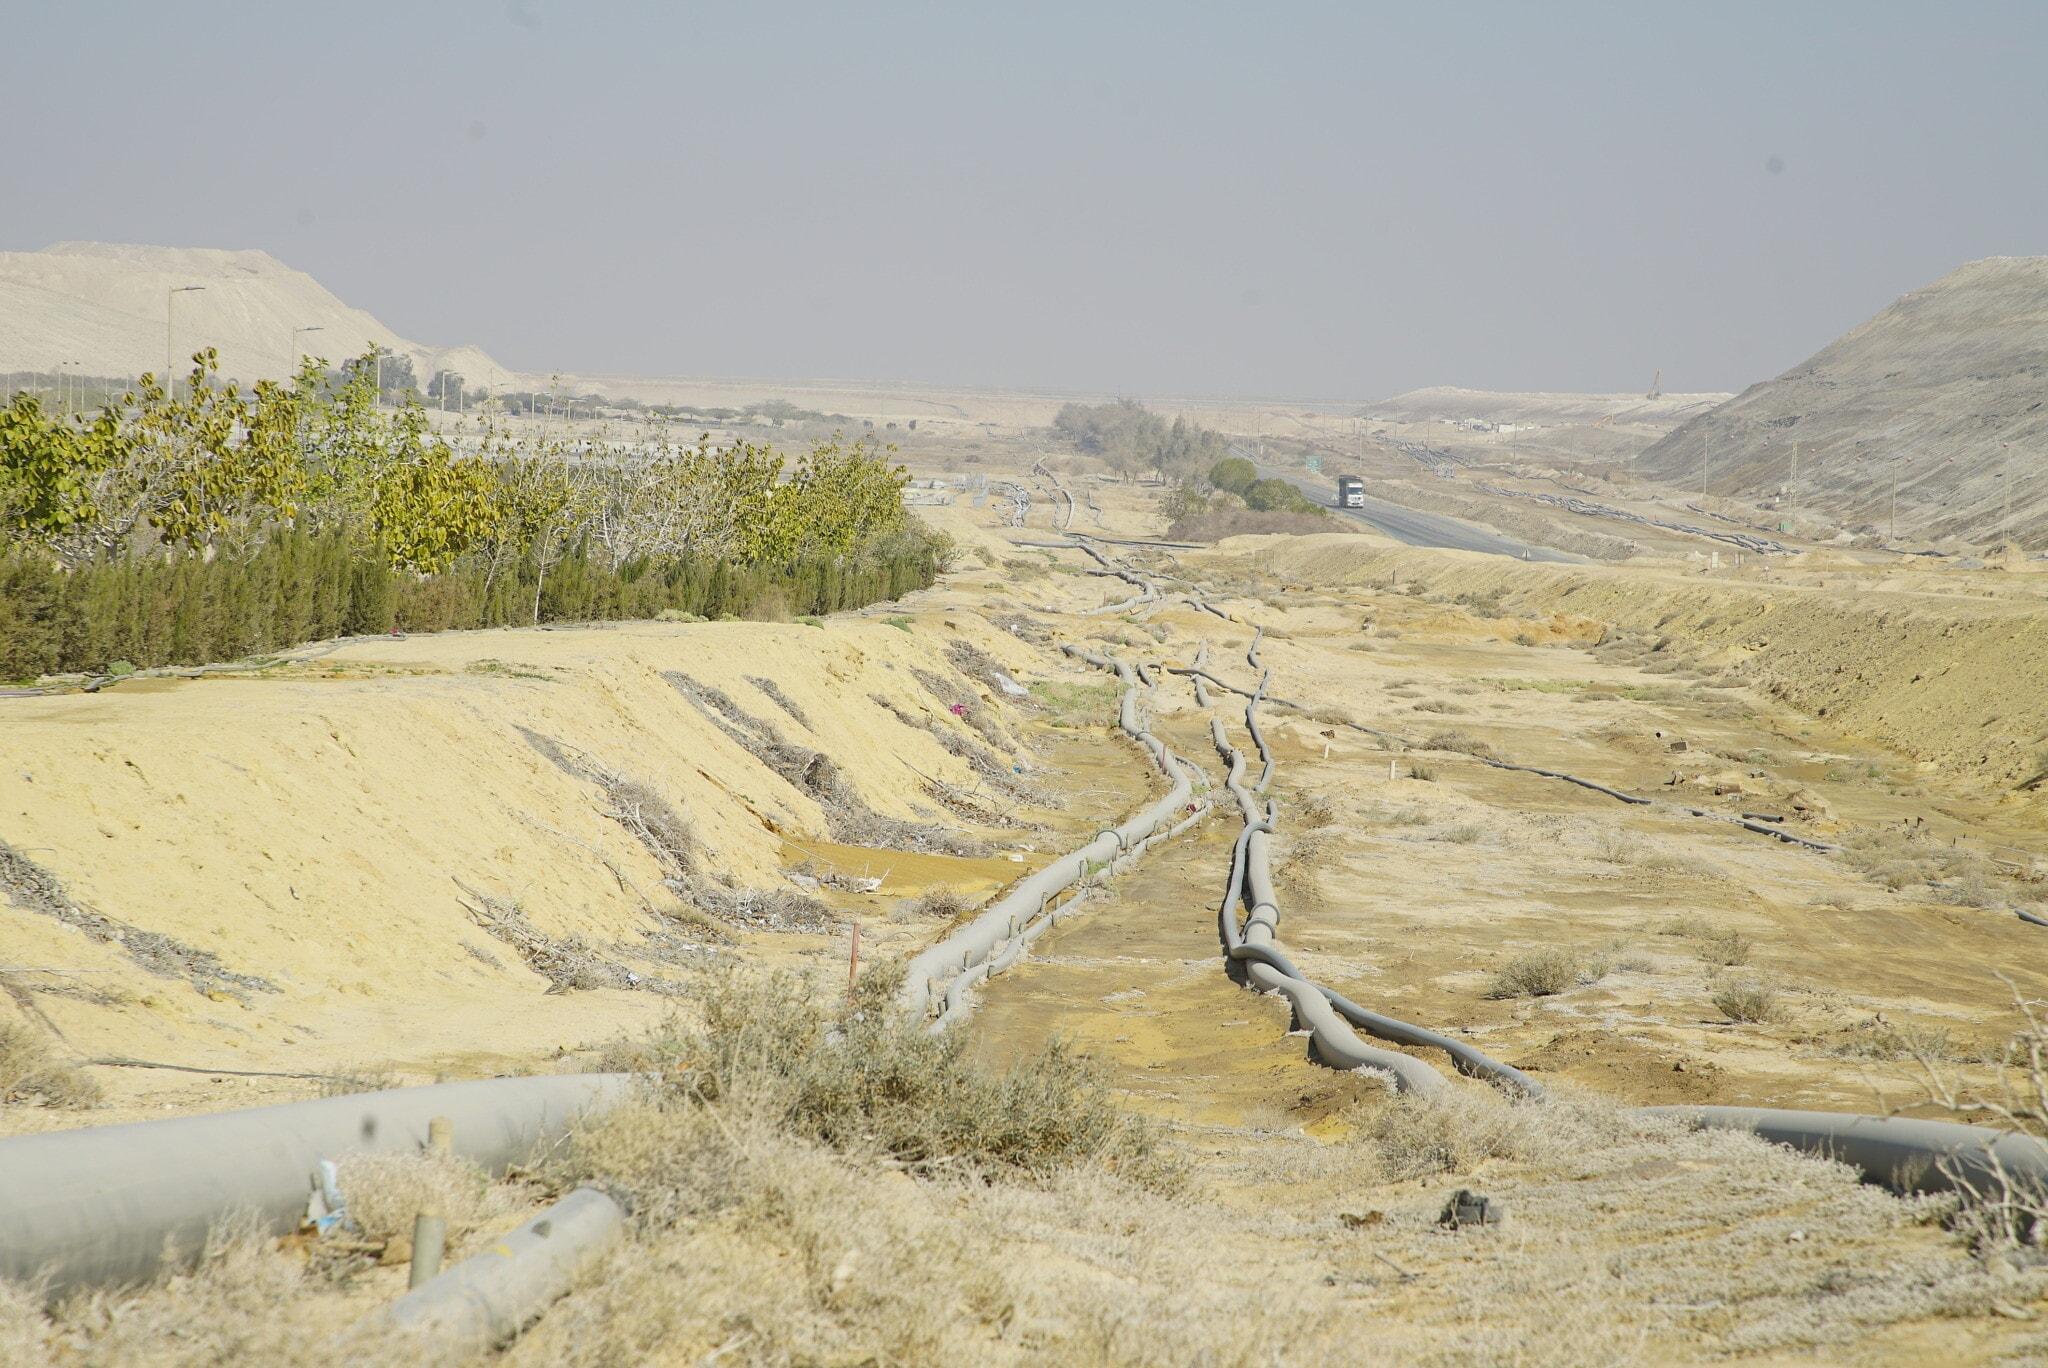 מישור רותם באזור ים המלח (צילום: גרינפיס)